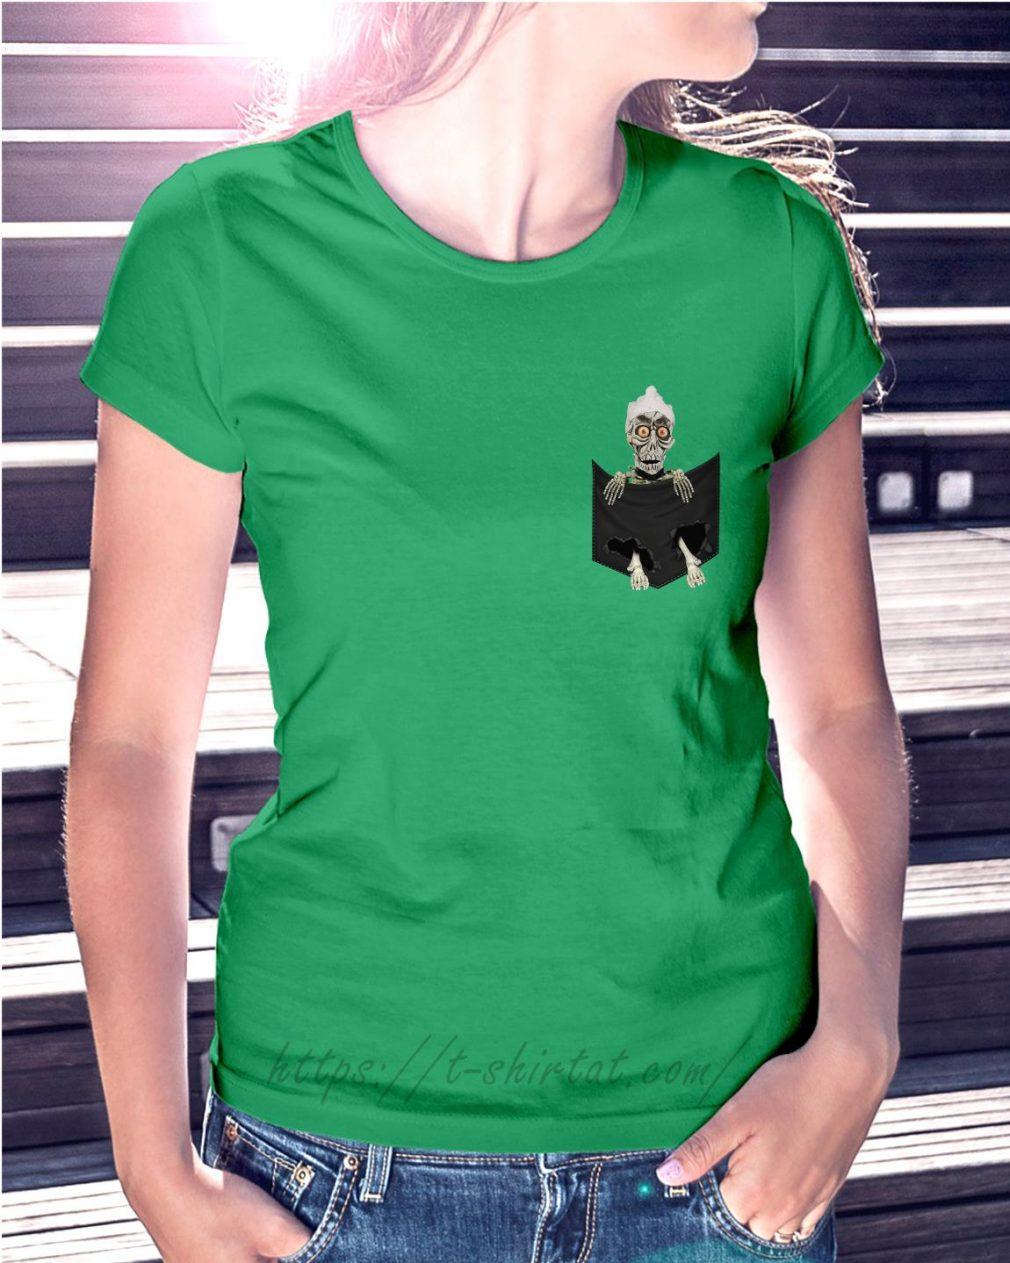 Jack Skellington in a pocket Ladies tee green